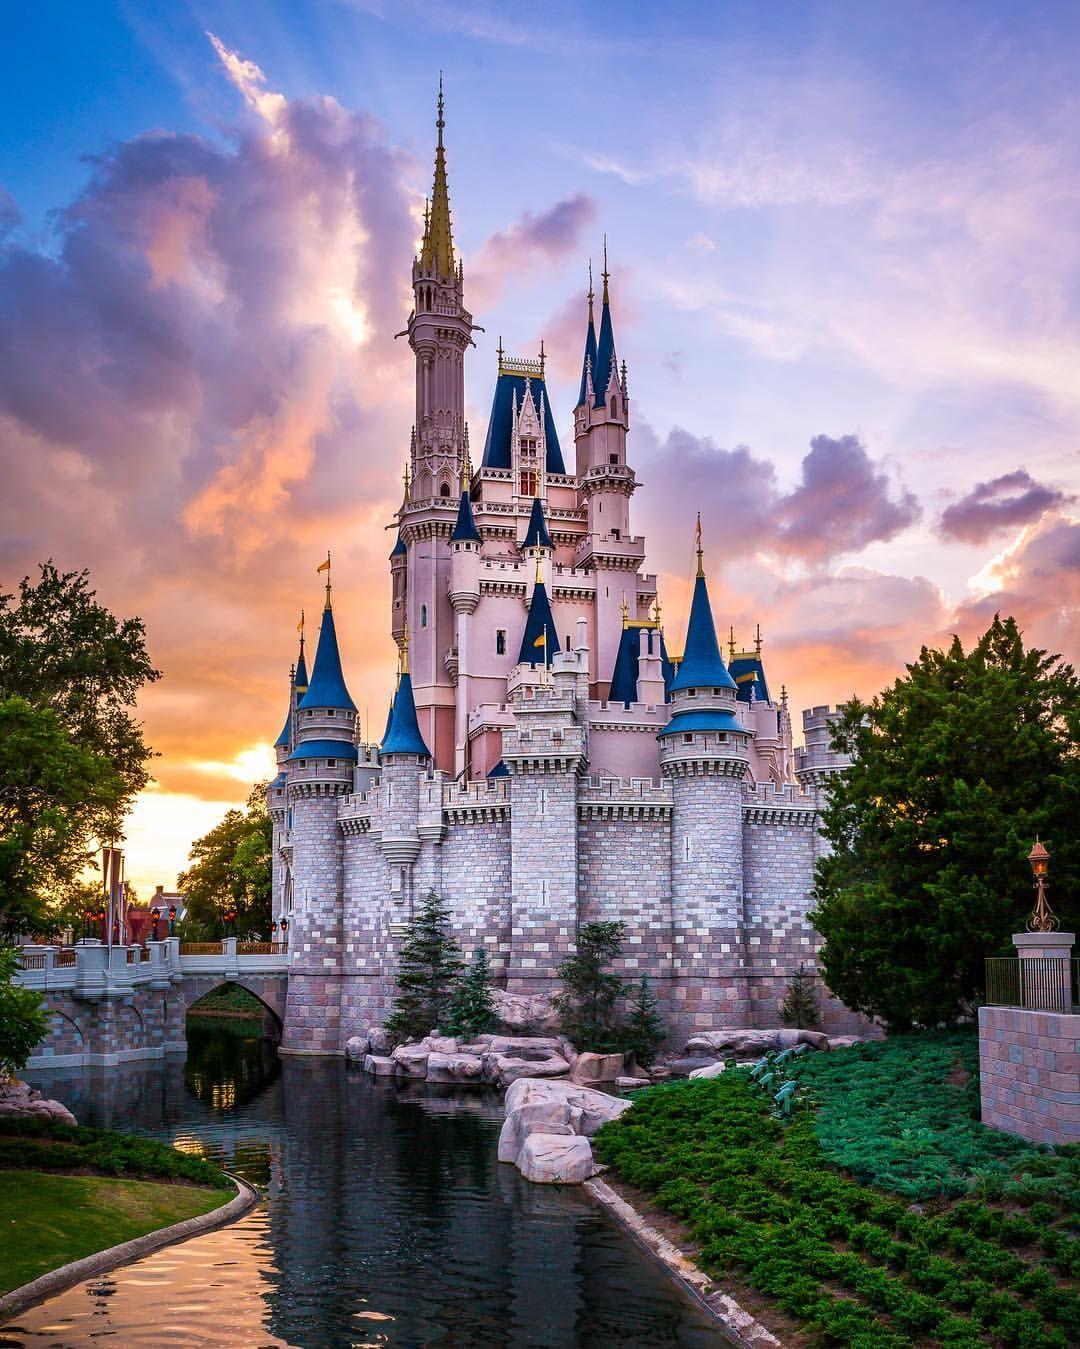 картинки замков королевств аккаунте появилось